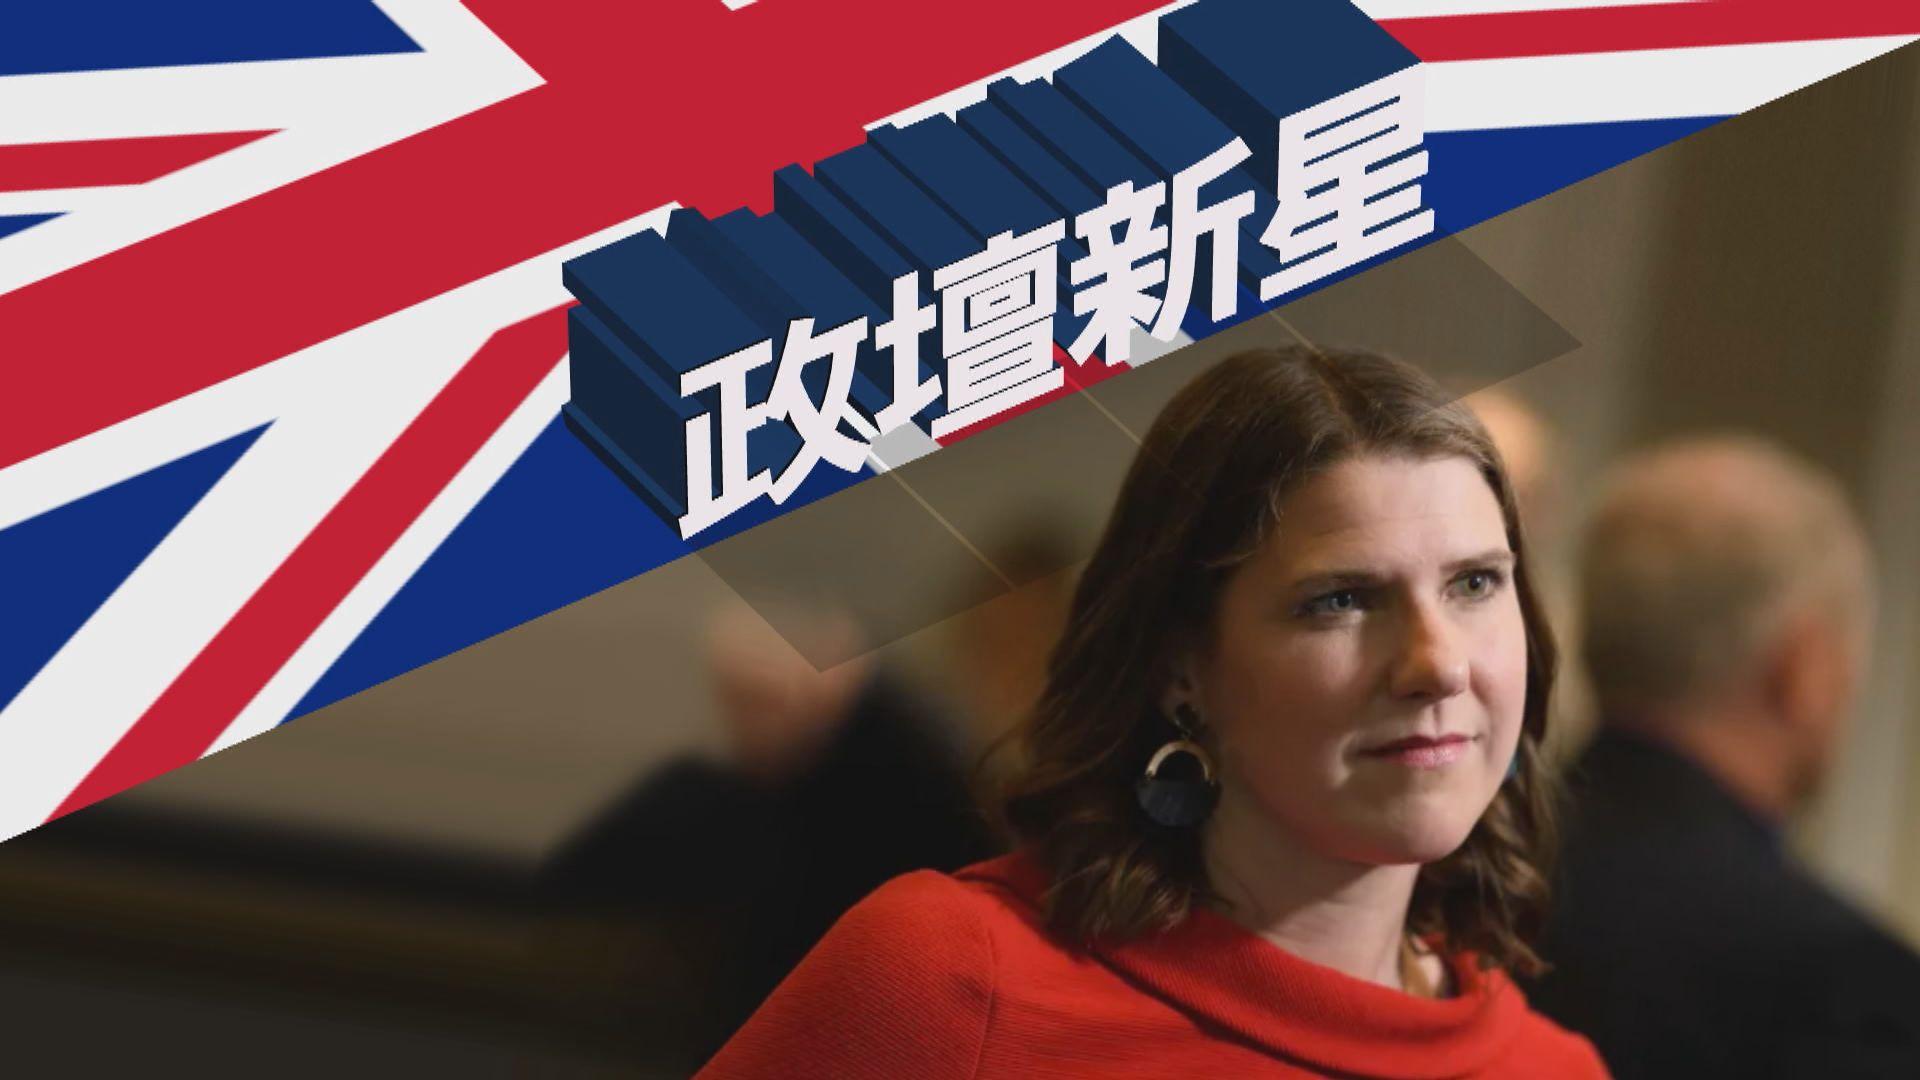 【新聞智庫】英國政壇新星崛起 斯溫森勢成選舉「百搭牌」?